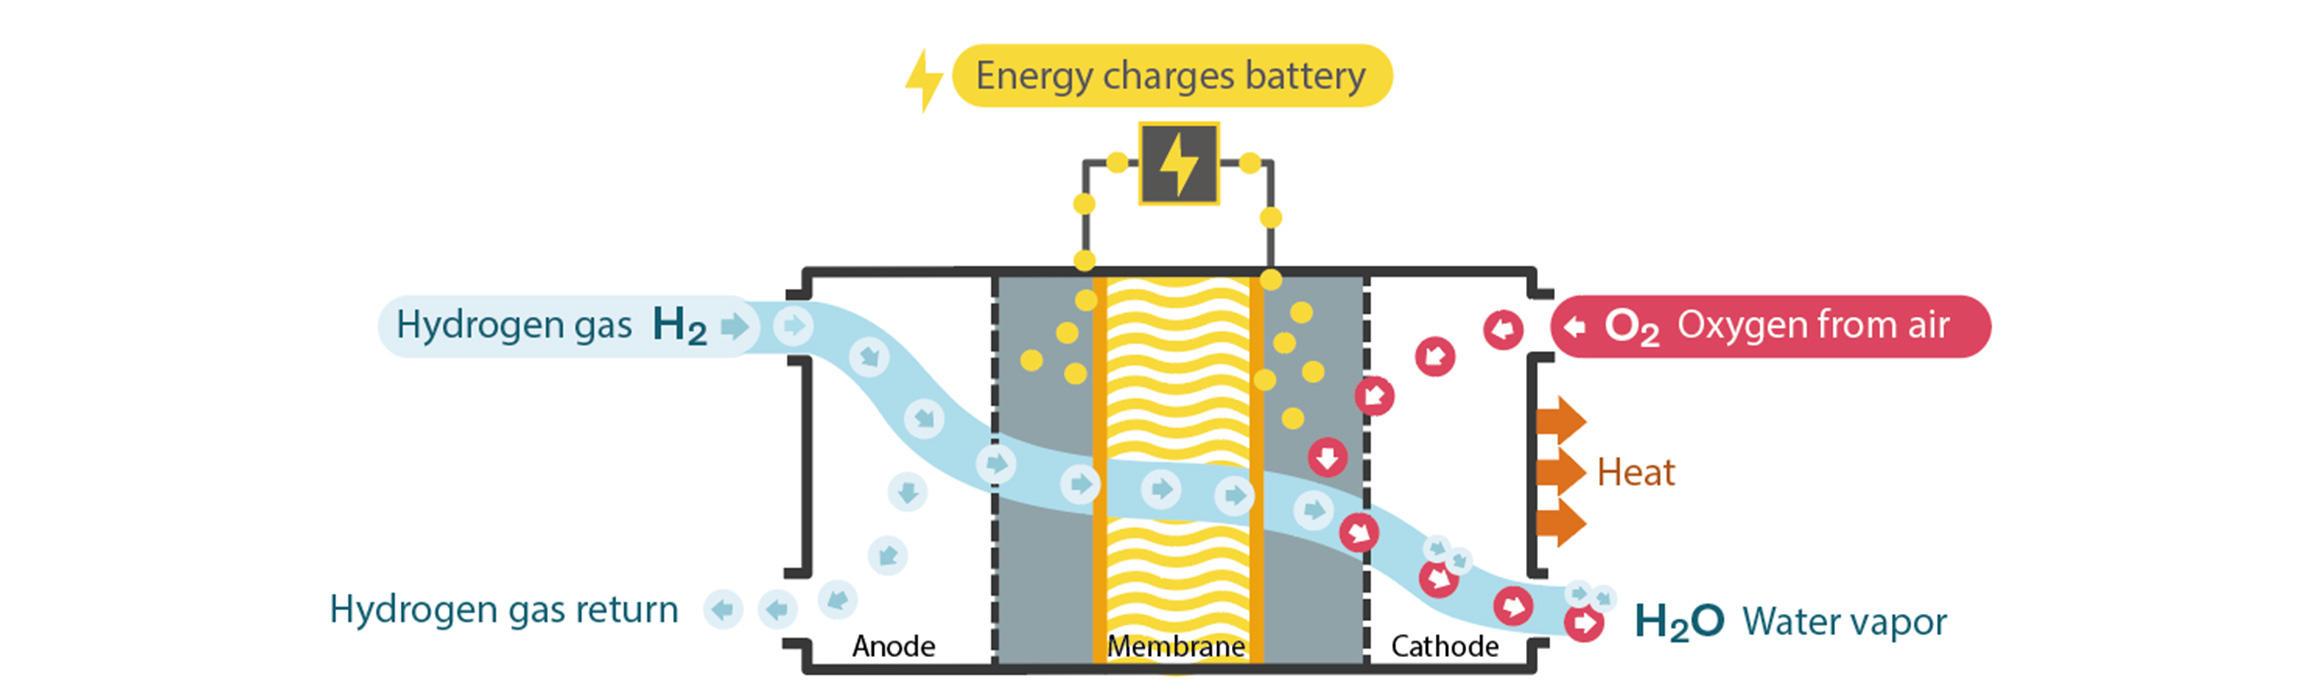 Volvo CE fait un grand pas vers un avenir neutre en carbone avec l'hydrogène Fuel Cell Test Lab - 03